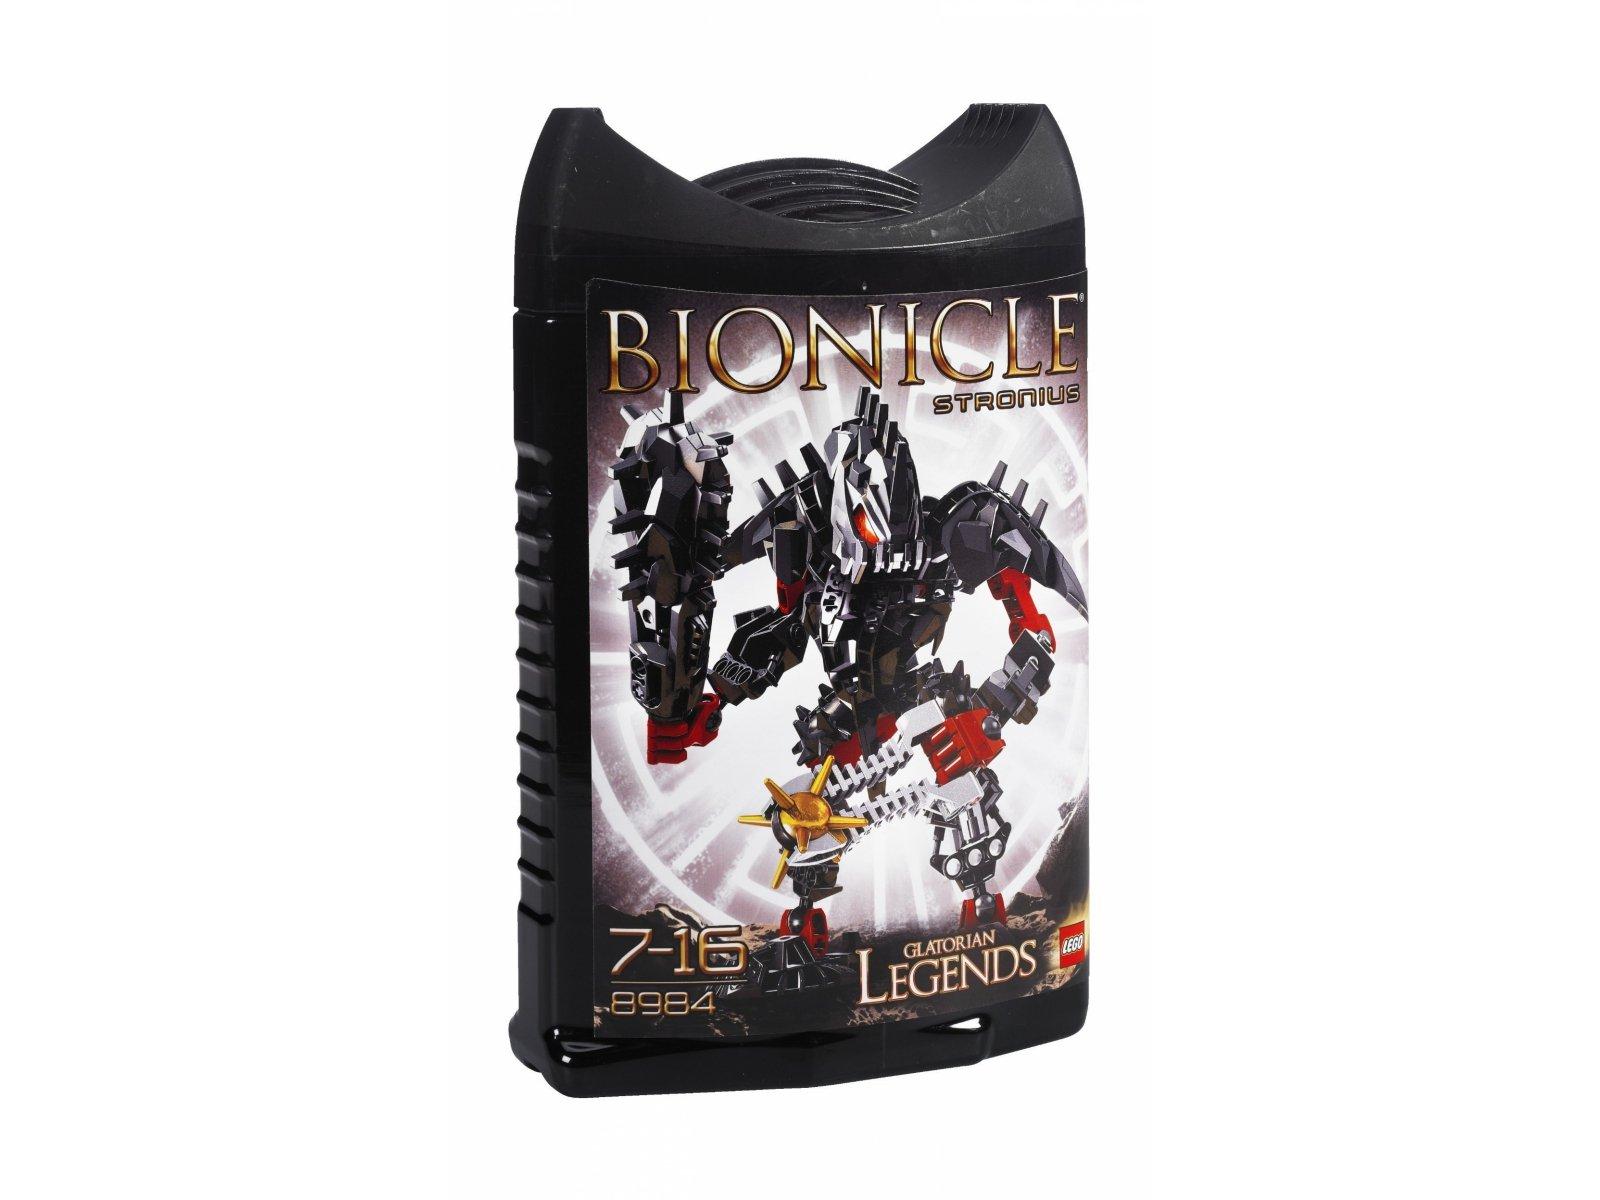 LEGO 8984 Bionicle® Stronius